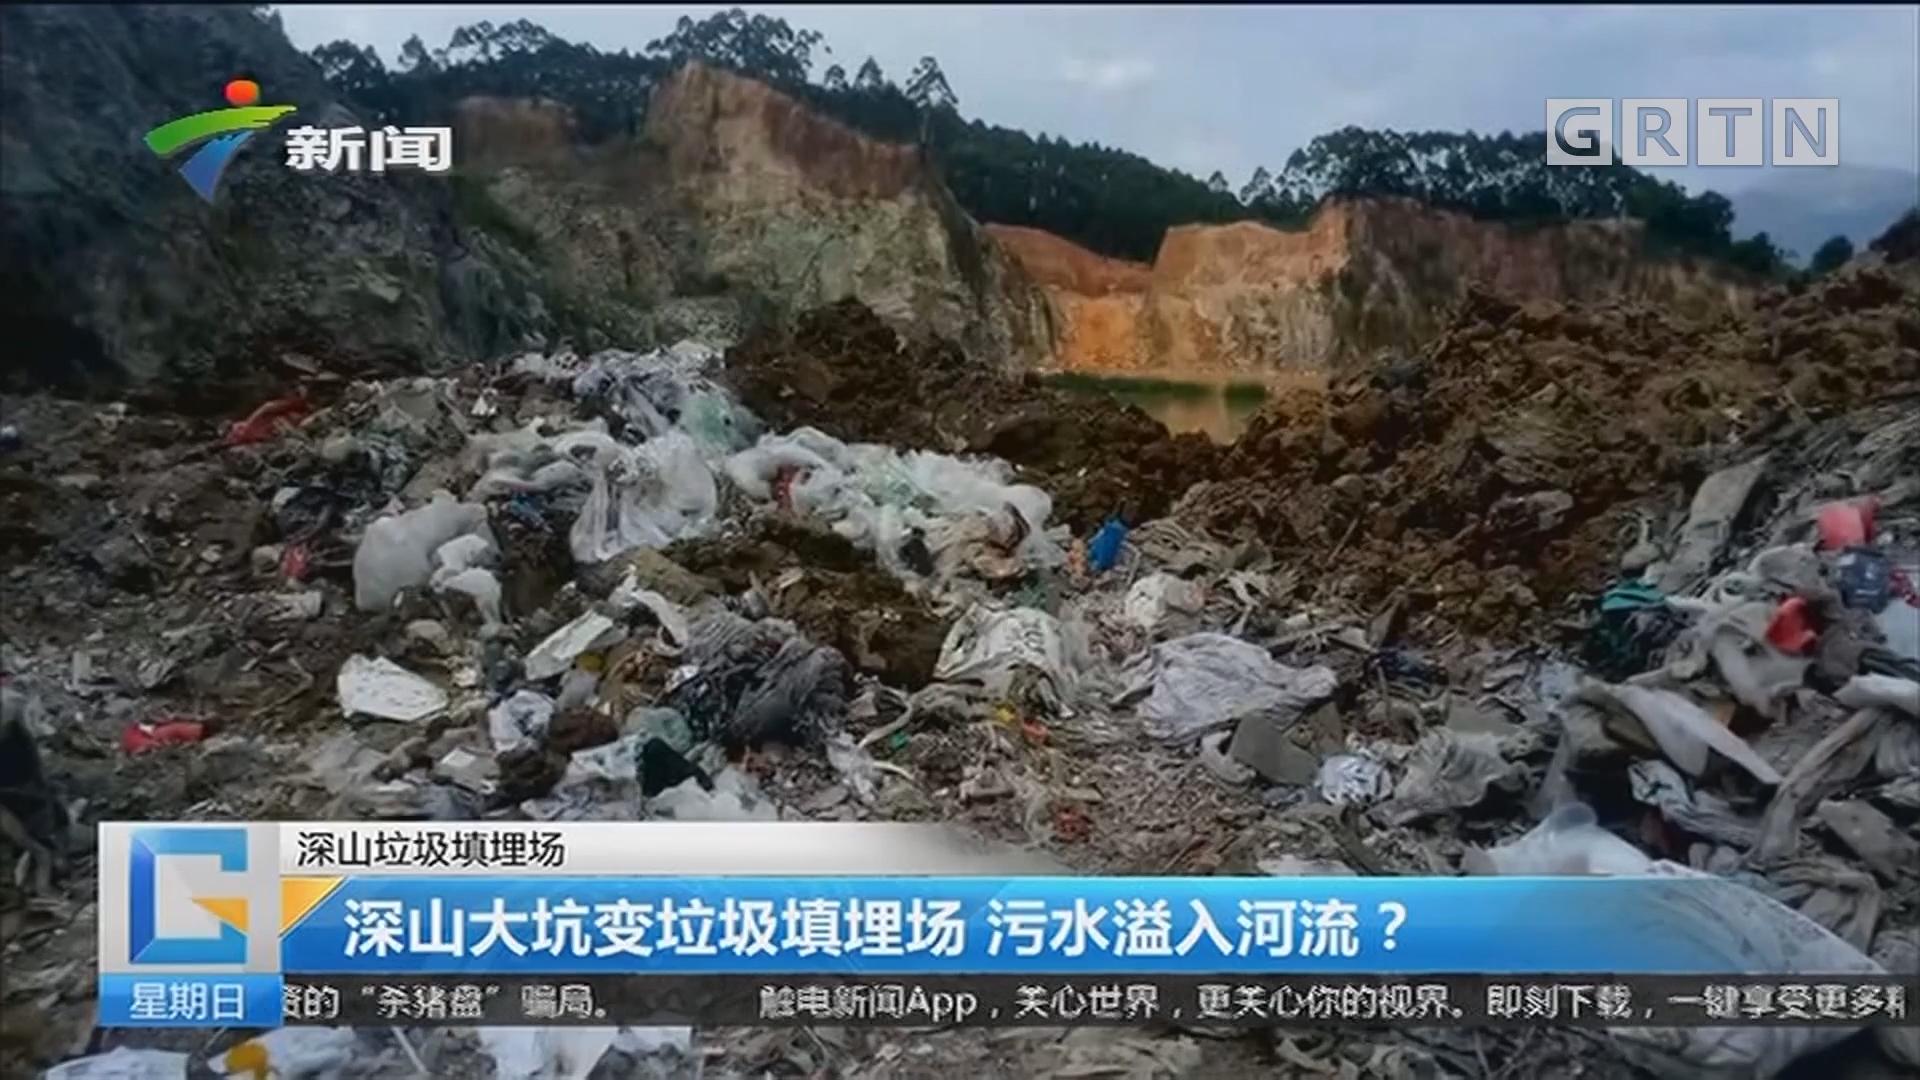 深山垃圾填埋场:深山大坑变垃圾填埋场 污水溢入河流?